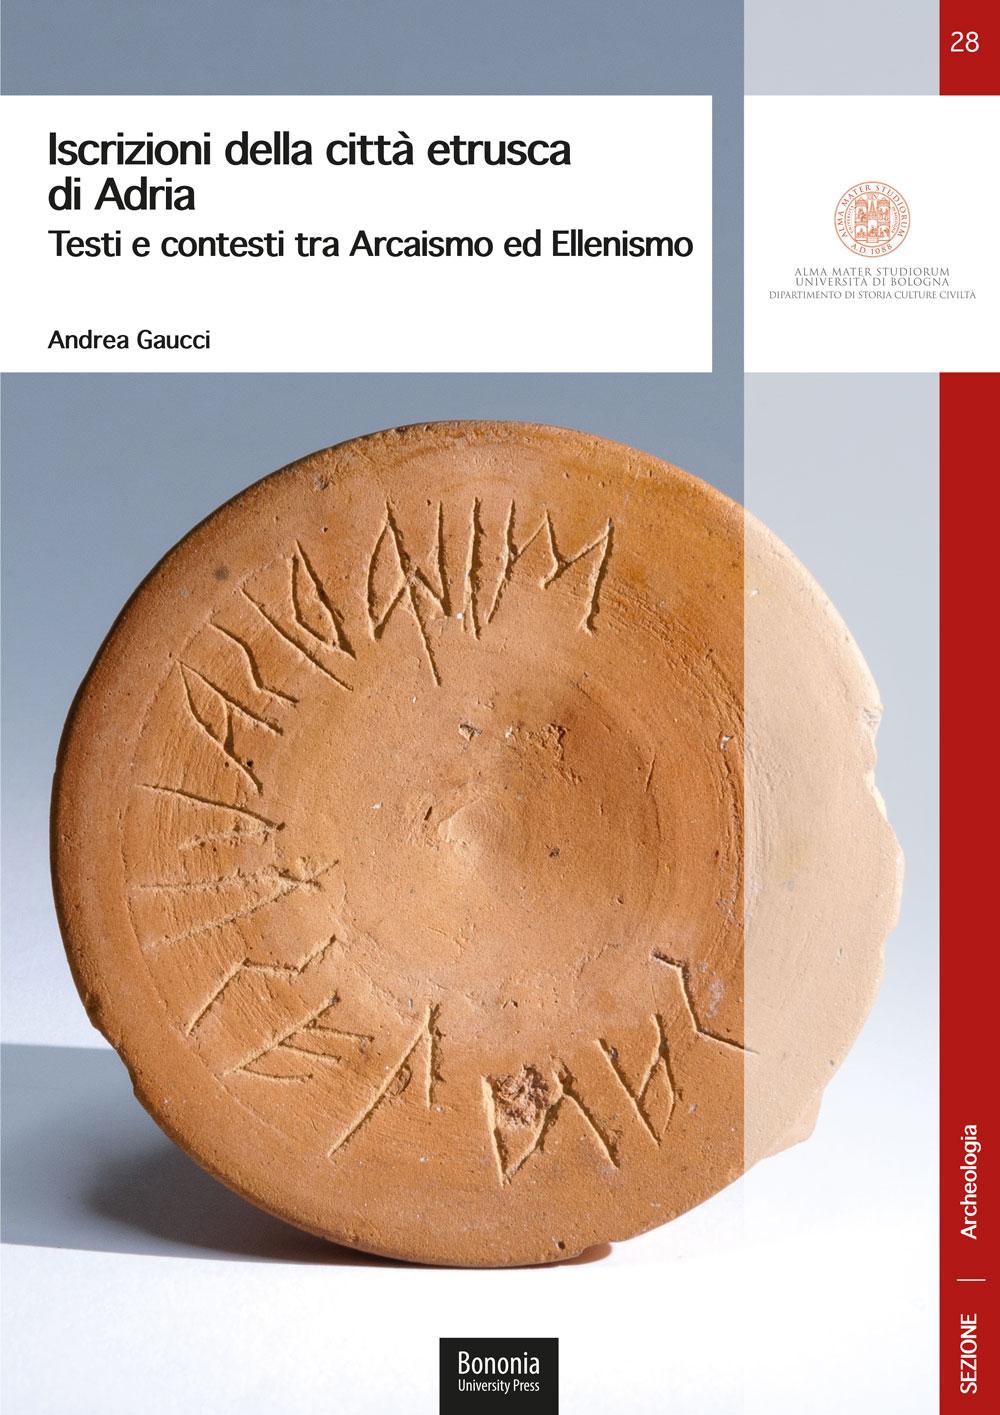 28. Iscrizioni della città etrusca di Adria - Bononia University Press